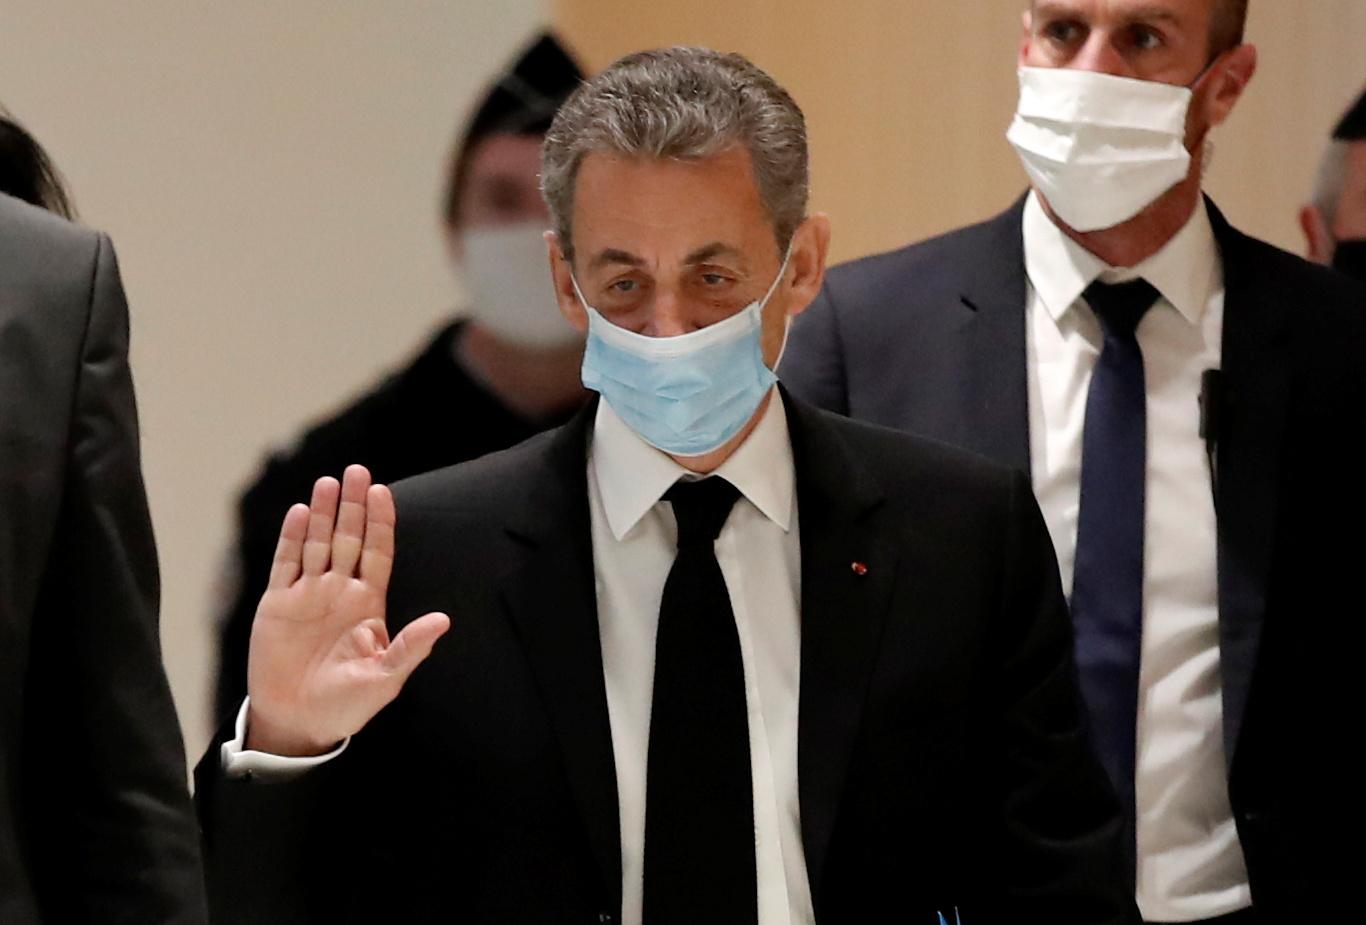 Прокуратура запросила шесть месяцев тюрьмы для Николя Саркози по делу«Bygmalion»